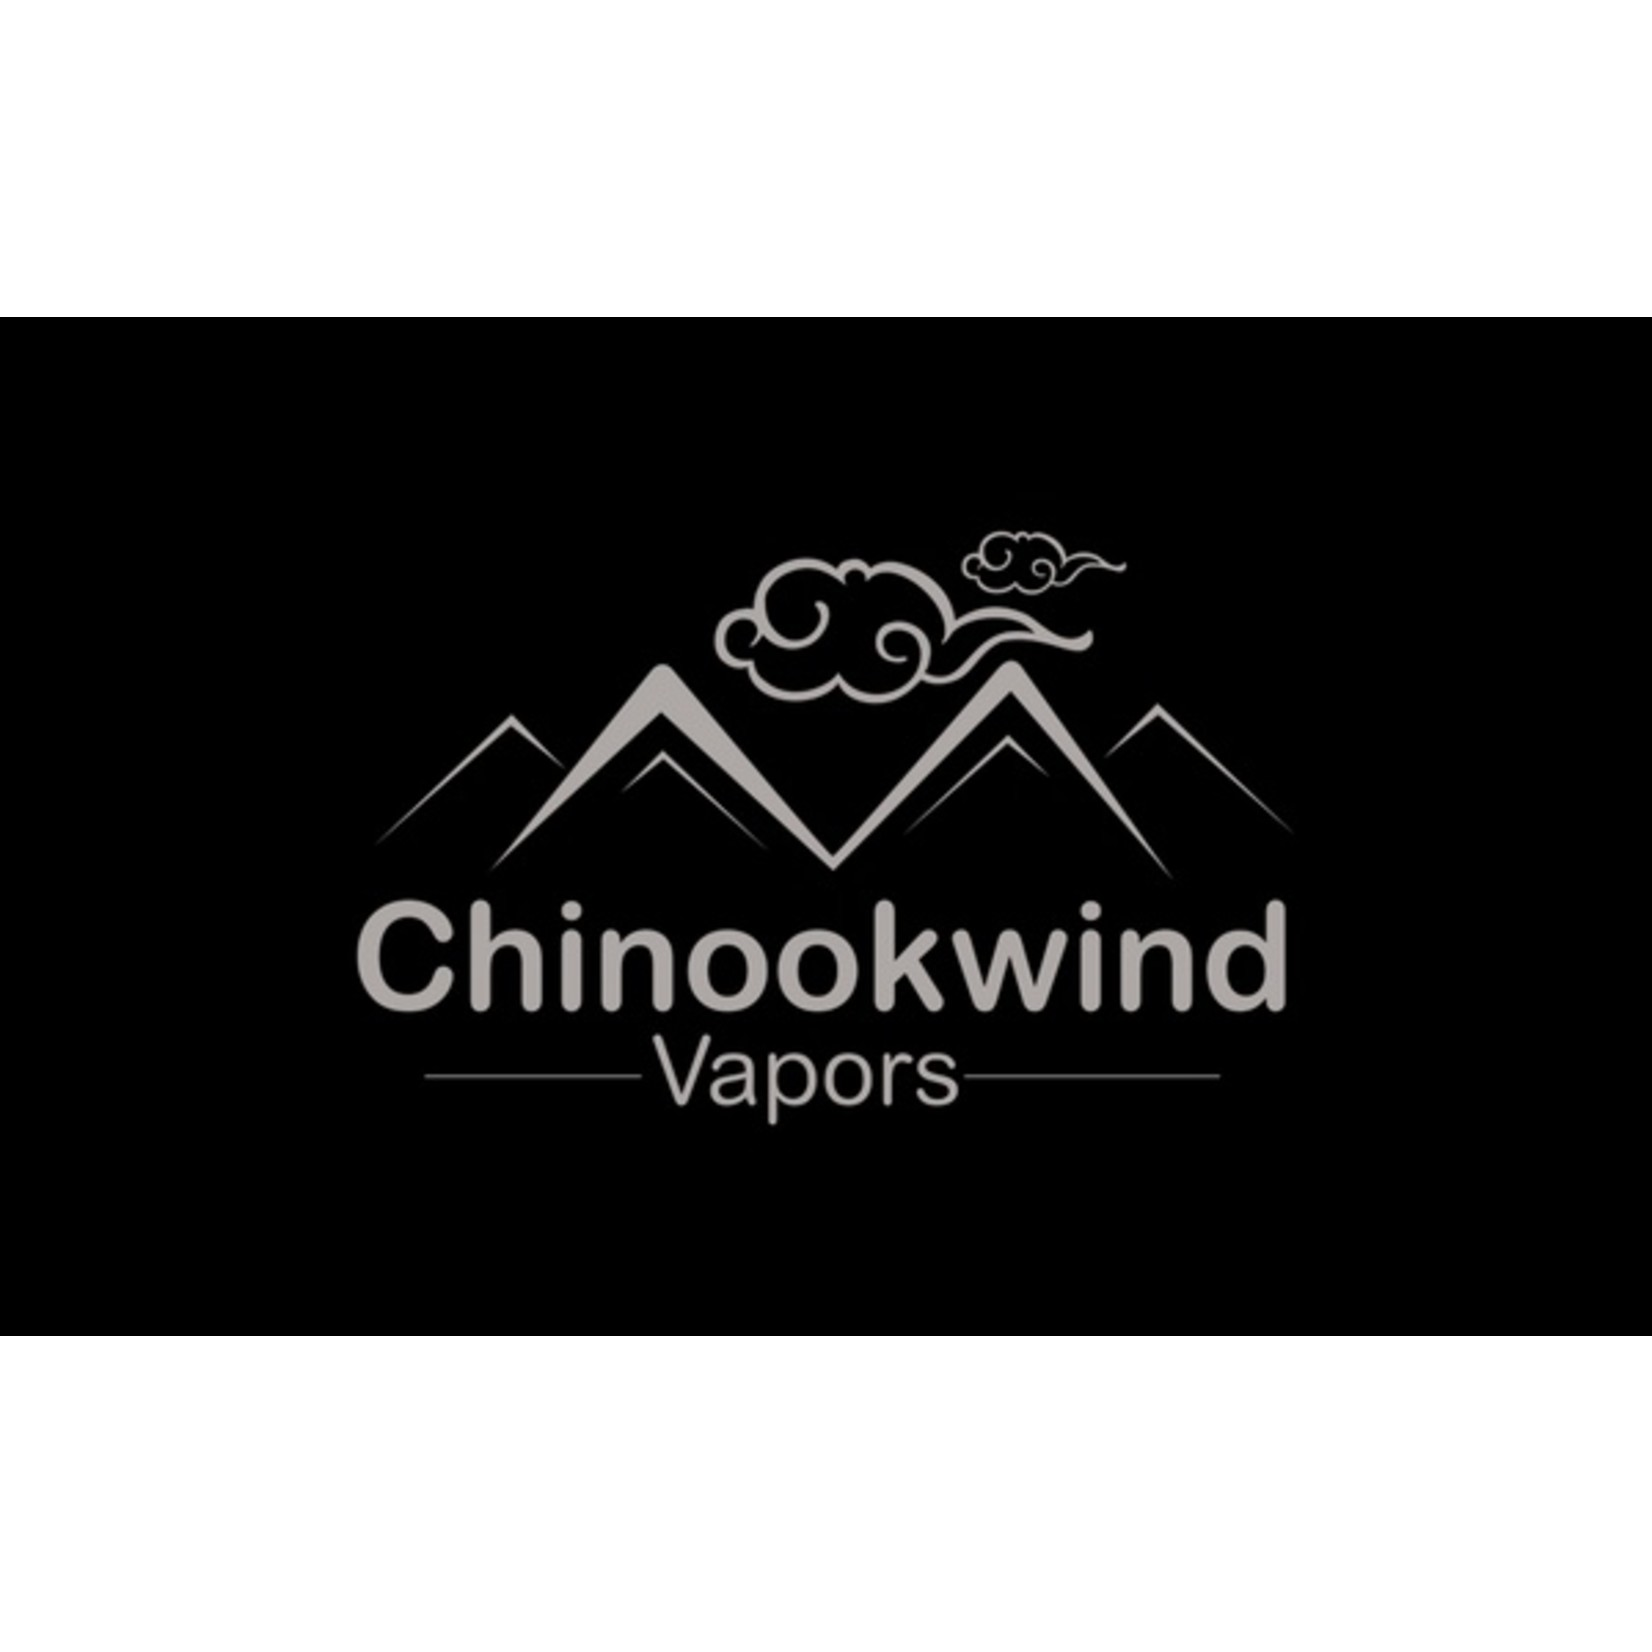 Chinookwind Vapor Cotton Dreams